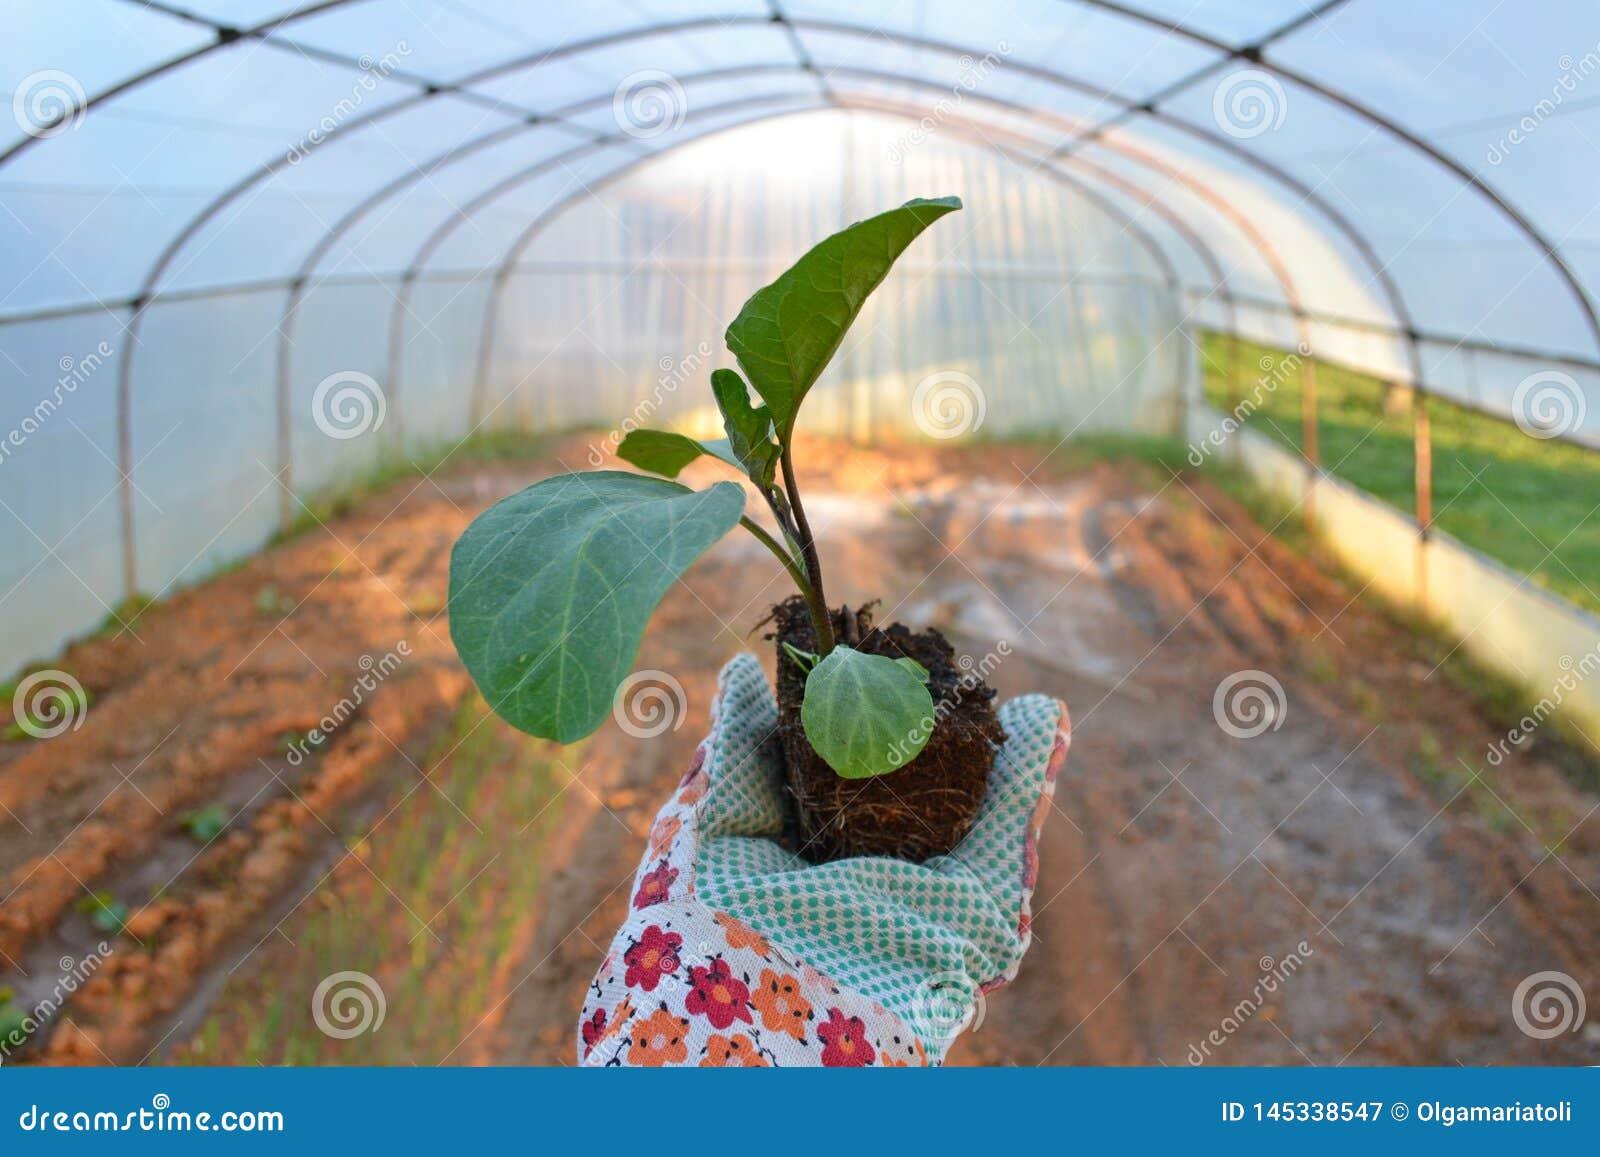 Bereiten Sie vor, um eine Aubergine zu pflanzen